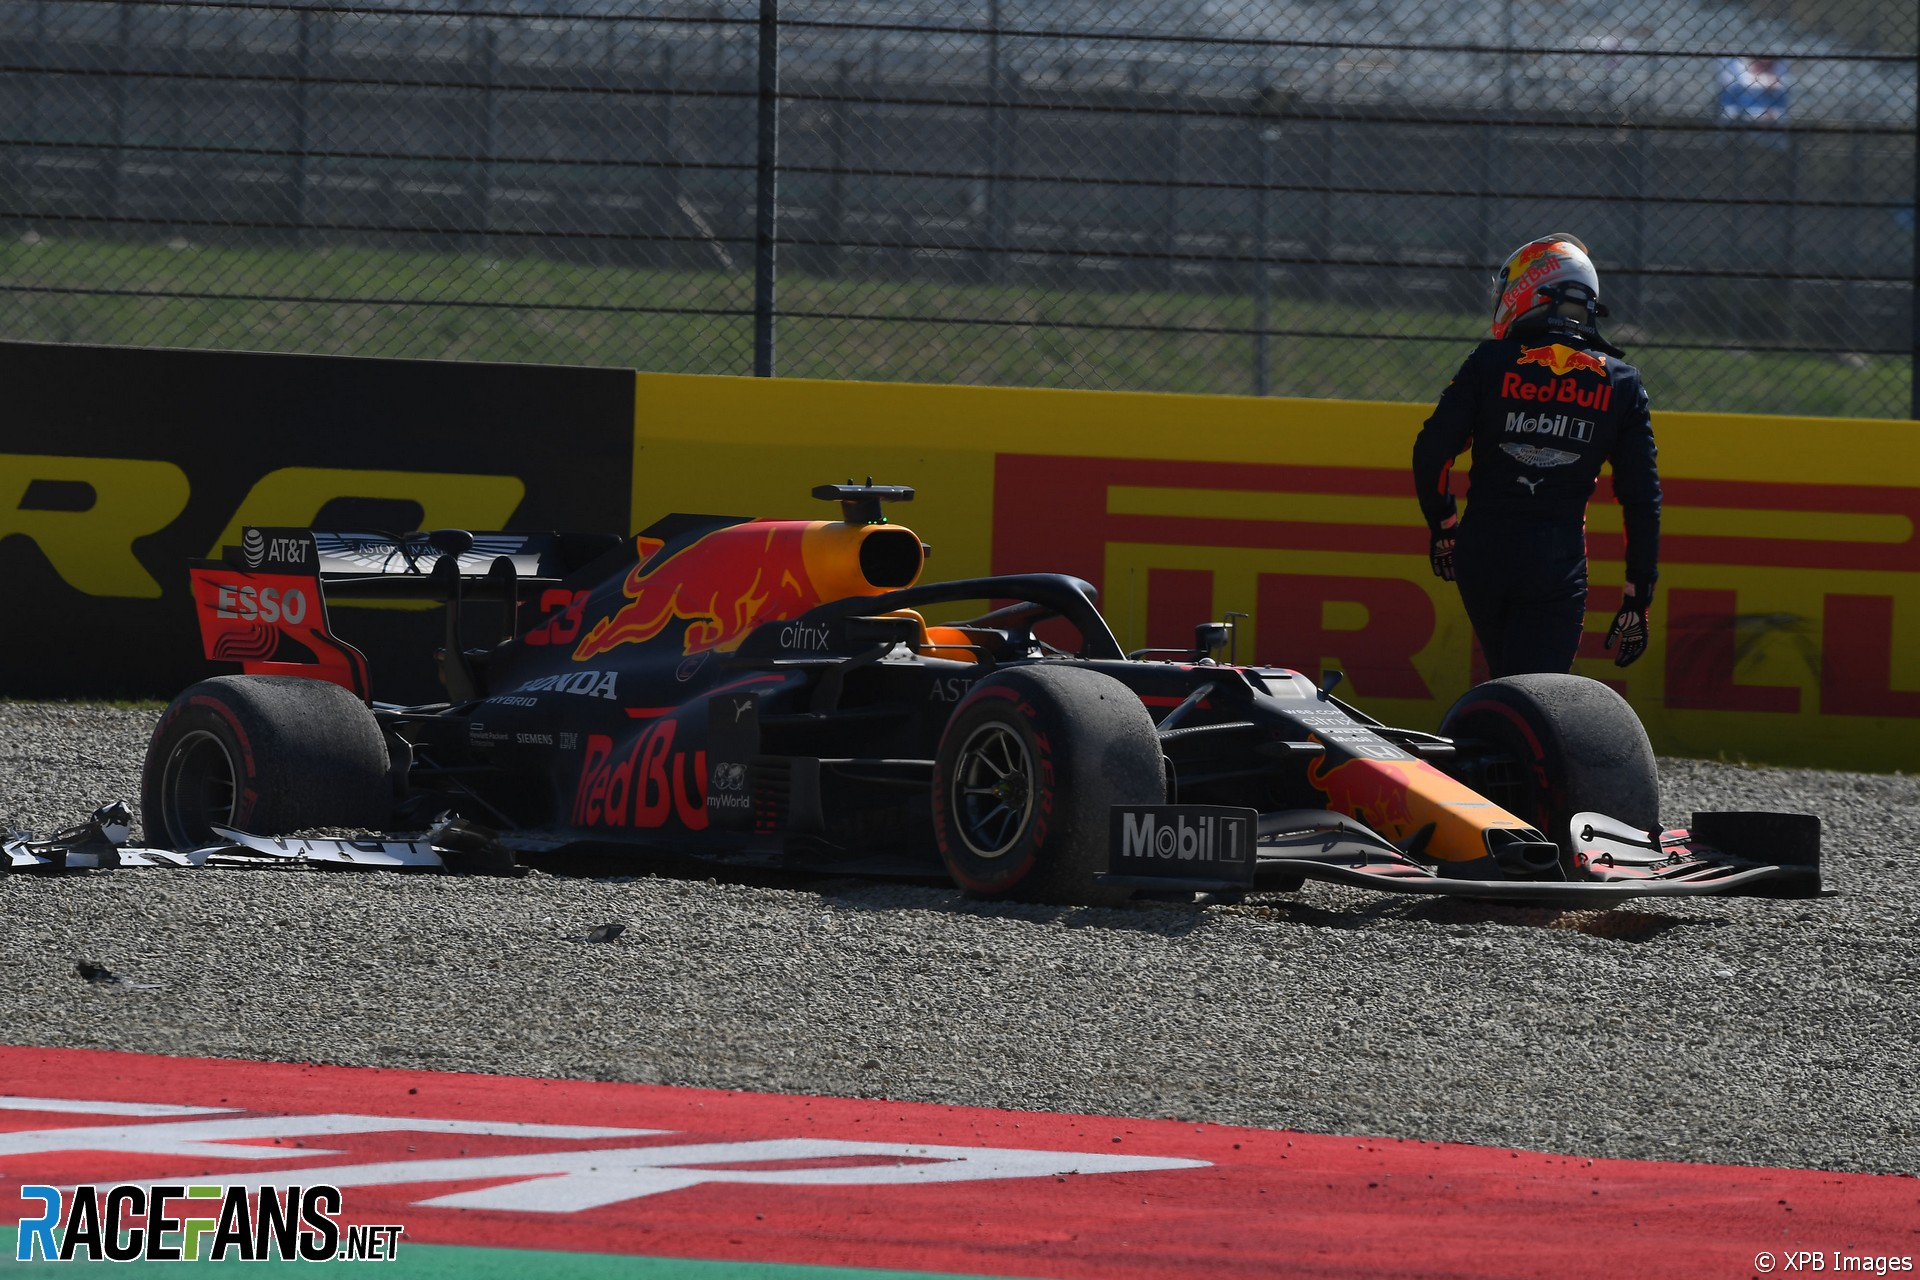 Max Verstappen, Red Bull, Mugello, 2020